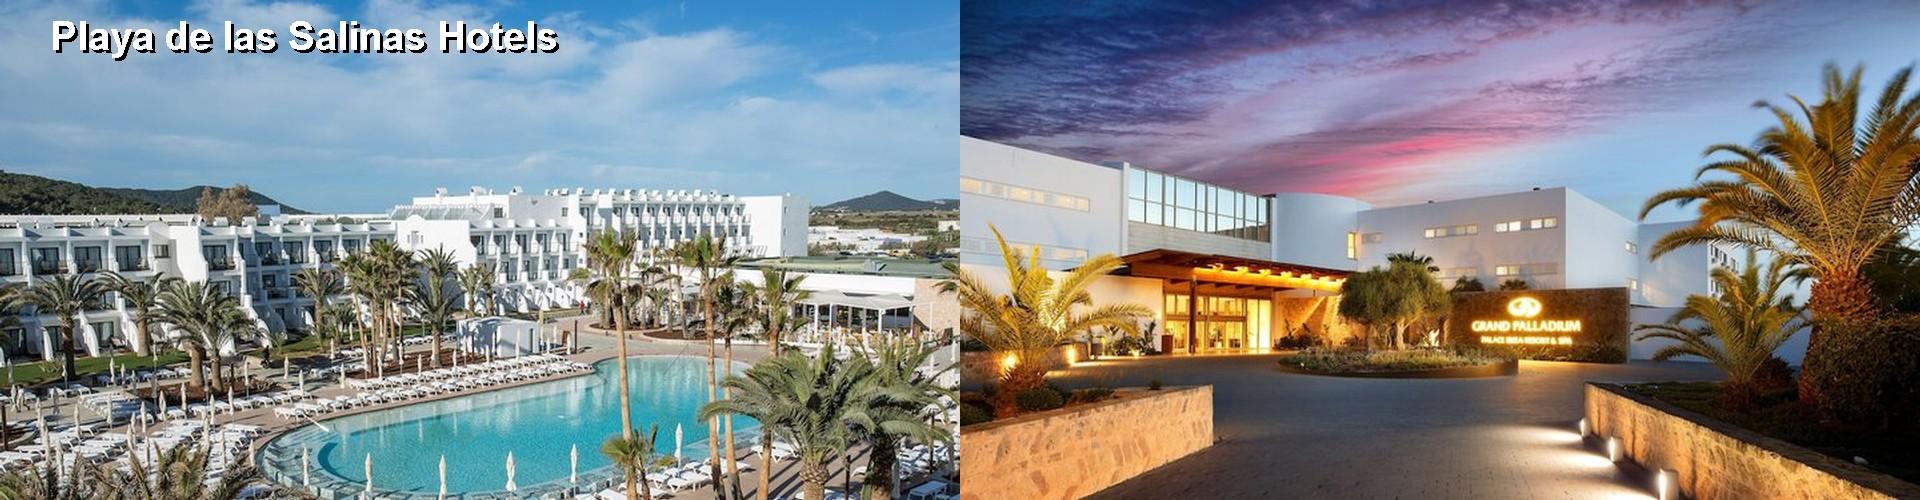 TOP Hotels Near Playa de las Salinas in Ibiza Island